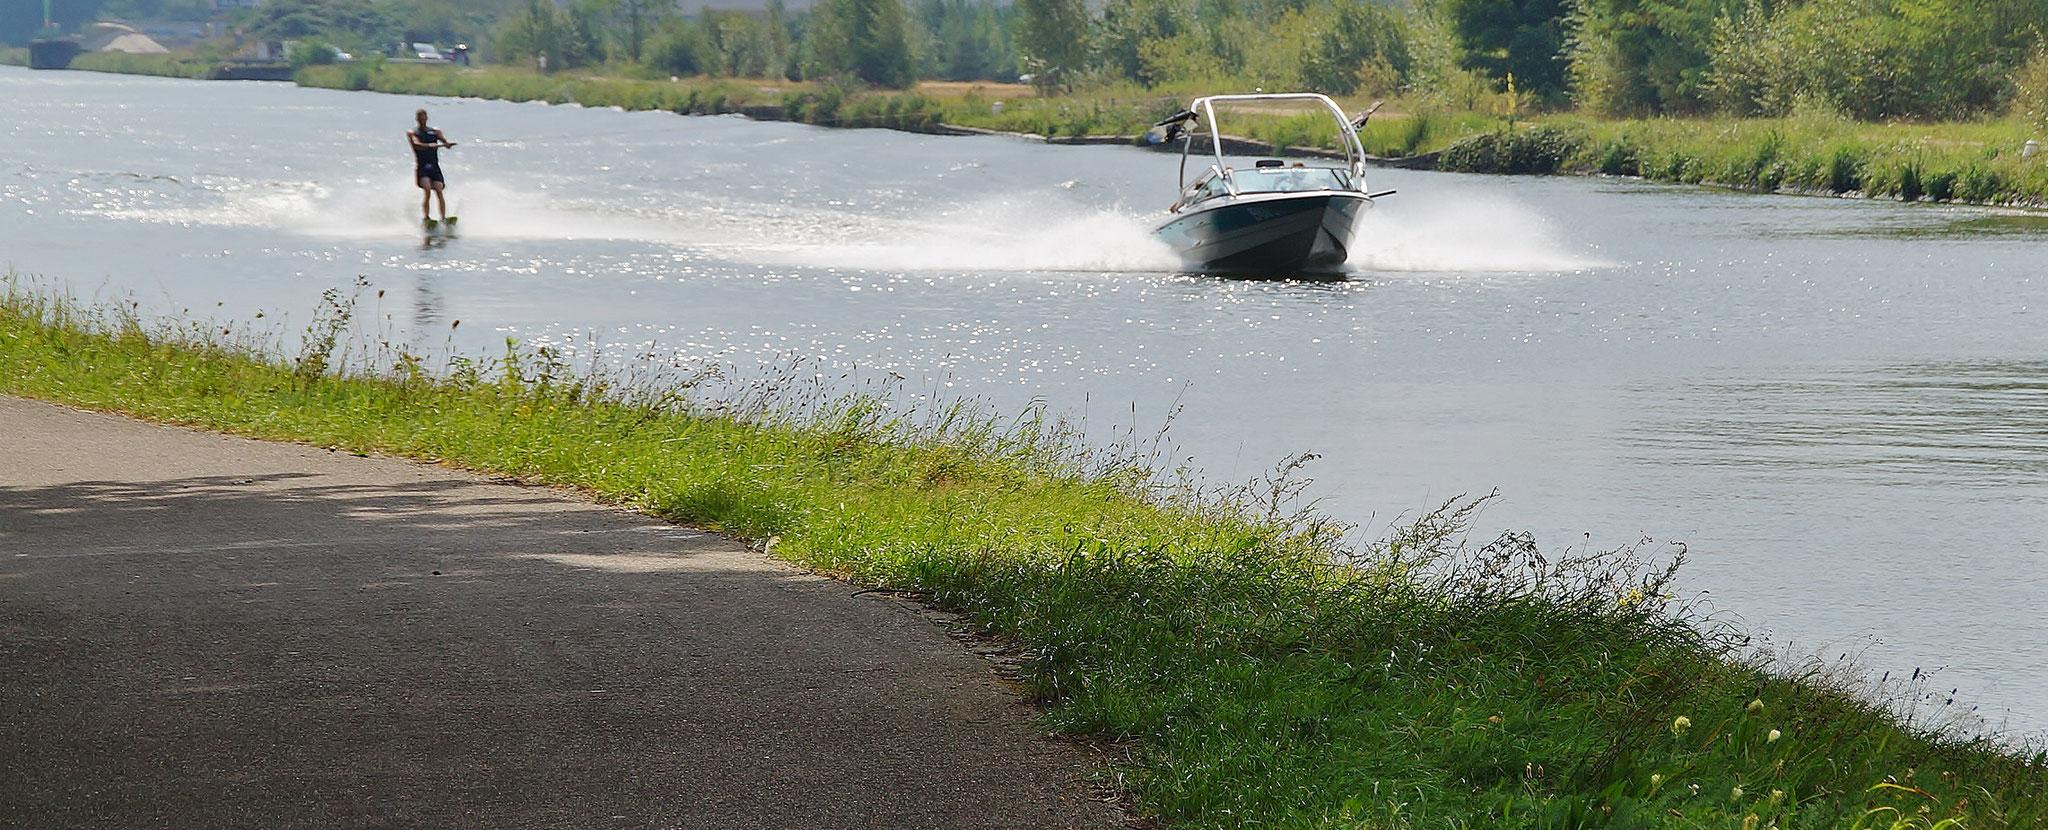 Wasserski auf dem Kanal